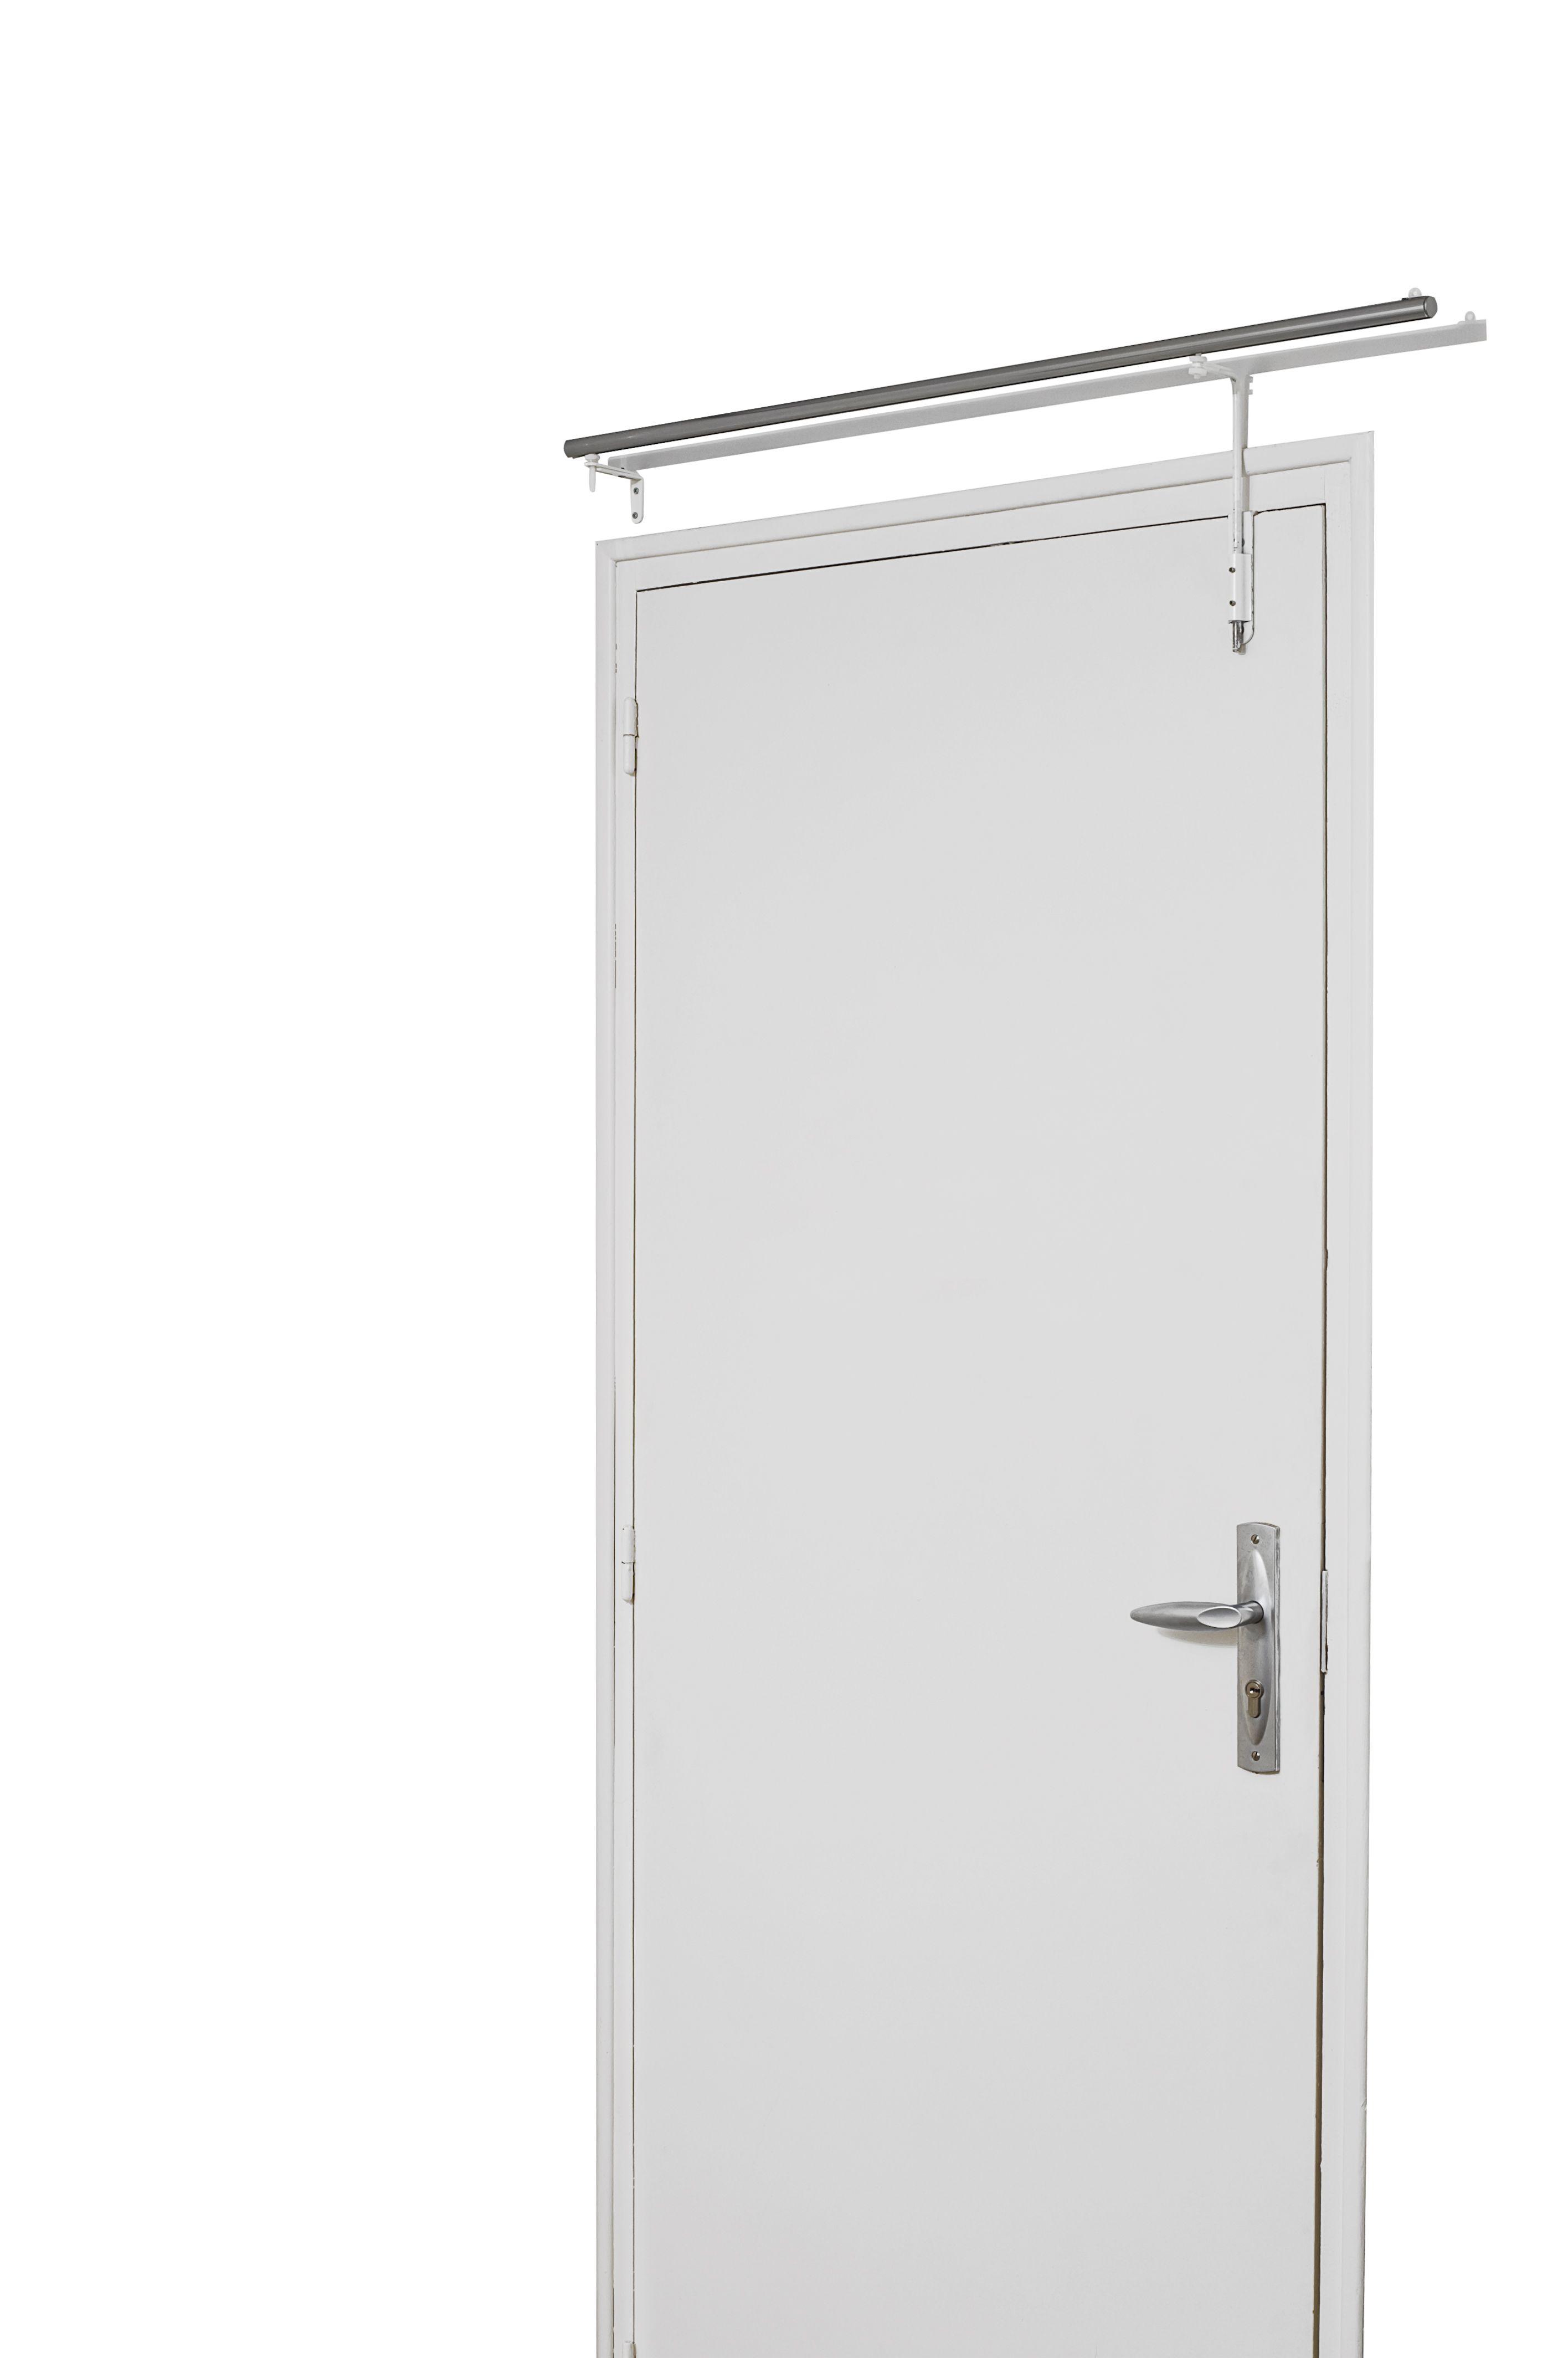 Barres À Rideaux Pose Sans Perçage tringle prête à poser pour porte d entrée (blanc), (chrome